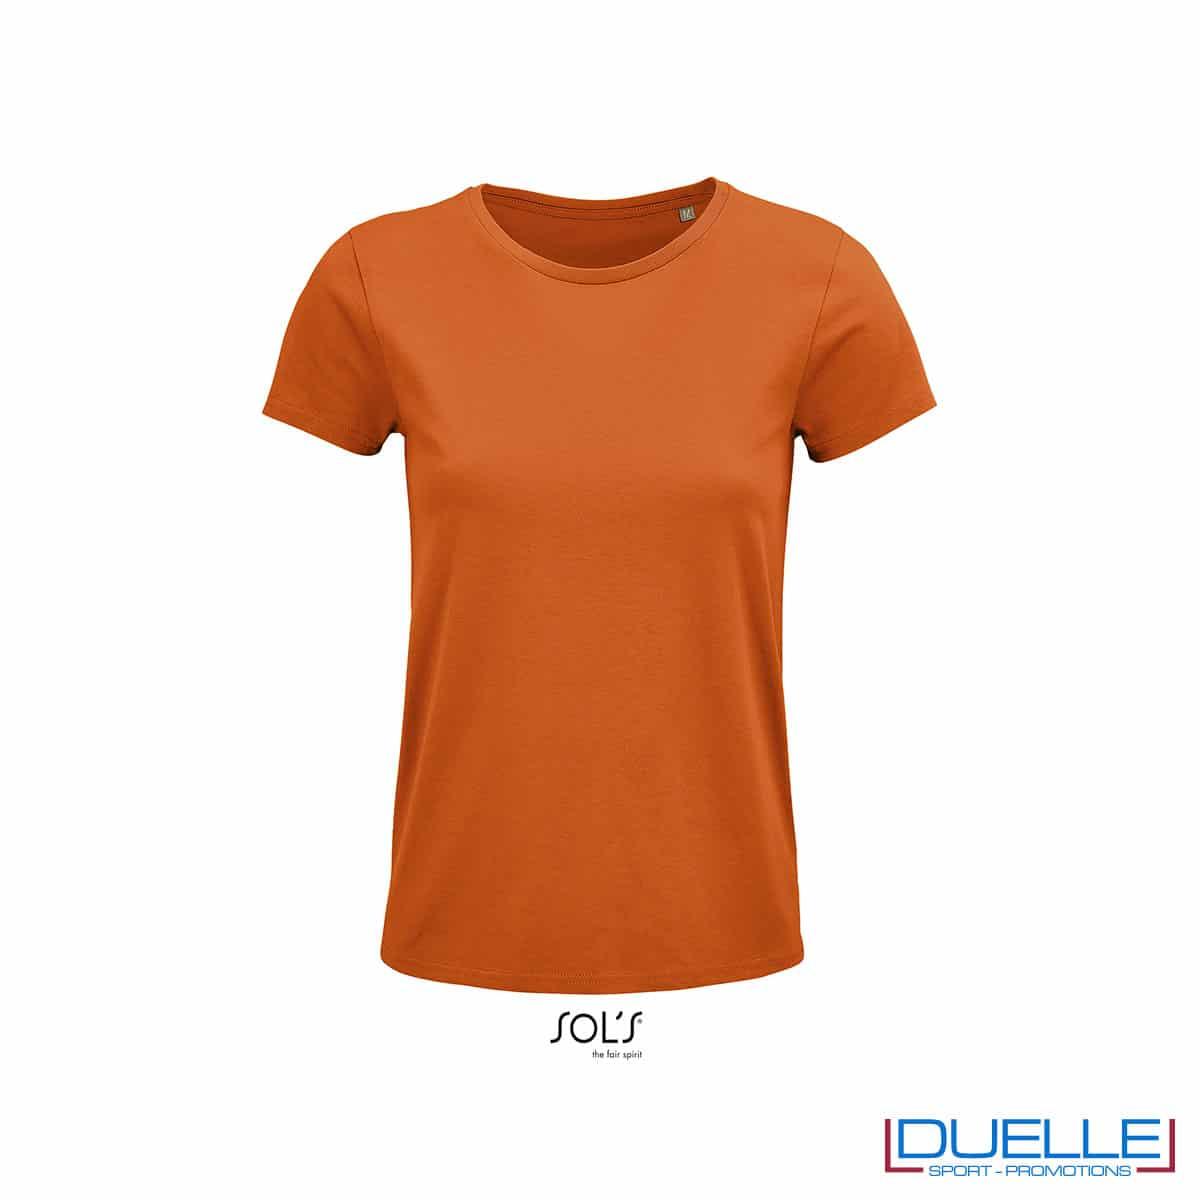 maglietta donna arancione girocollo